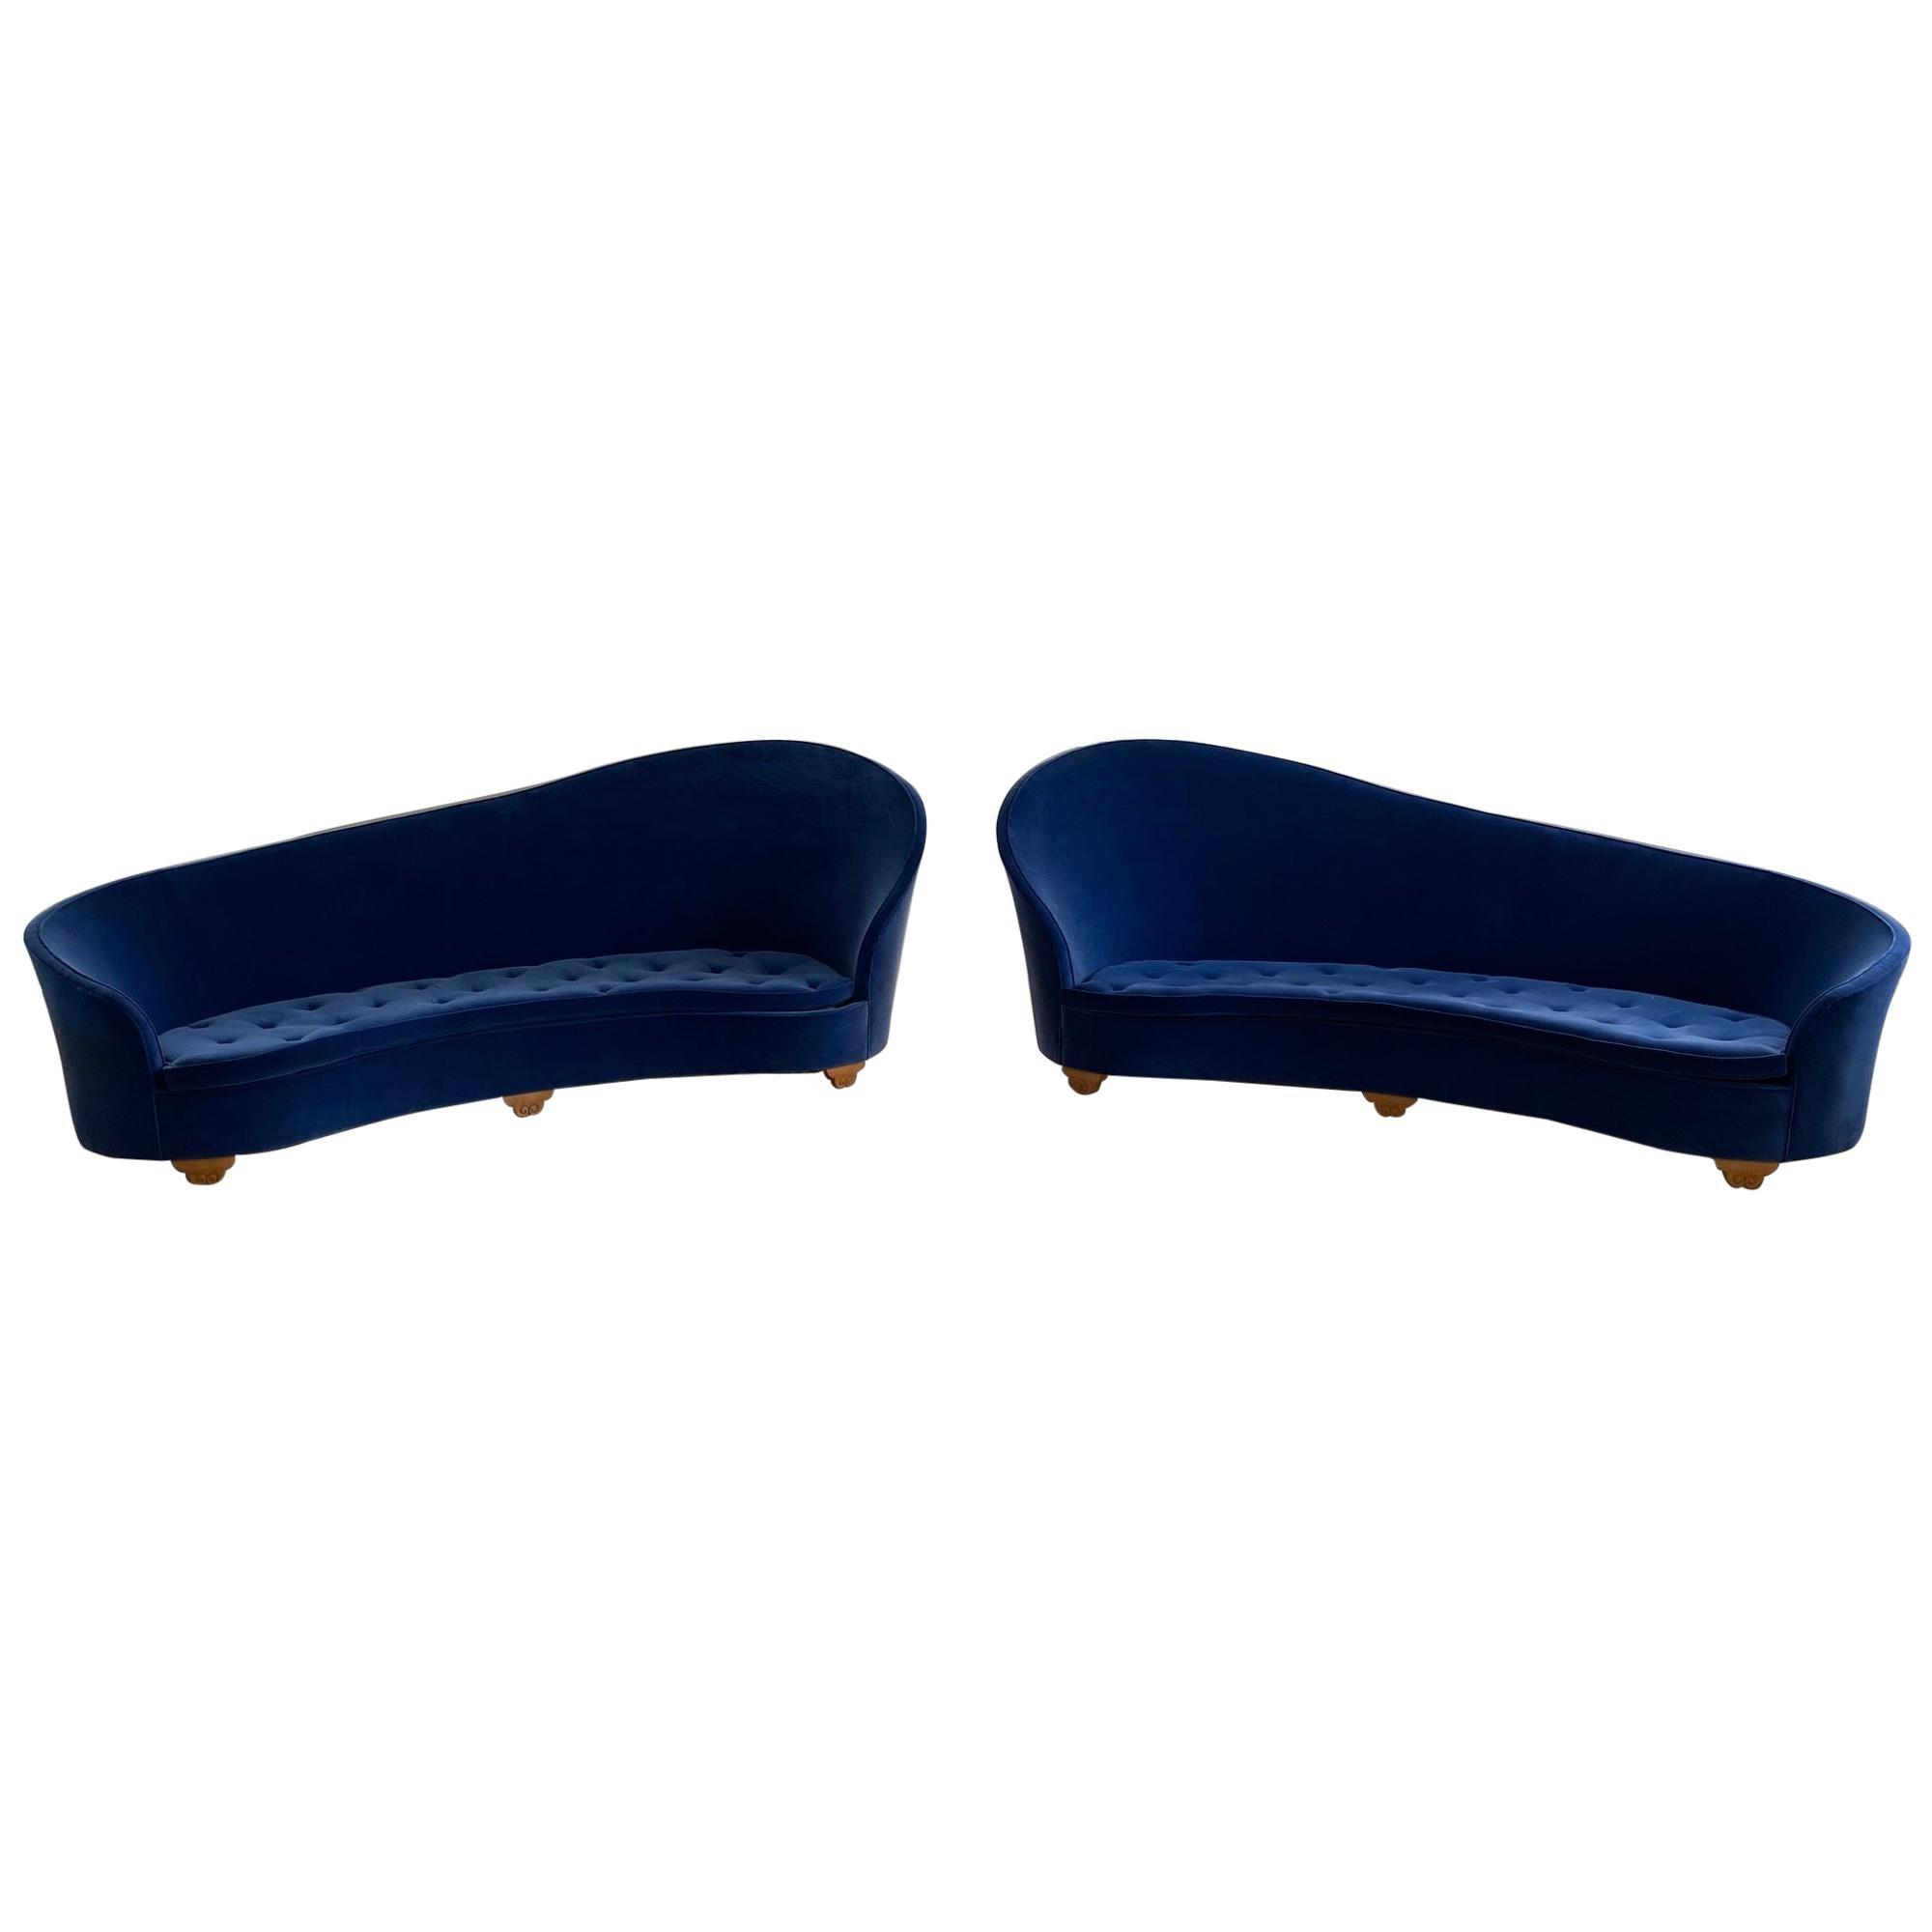 Pair of French Art Deco 1930s Blue Velvet Sofa's